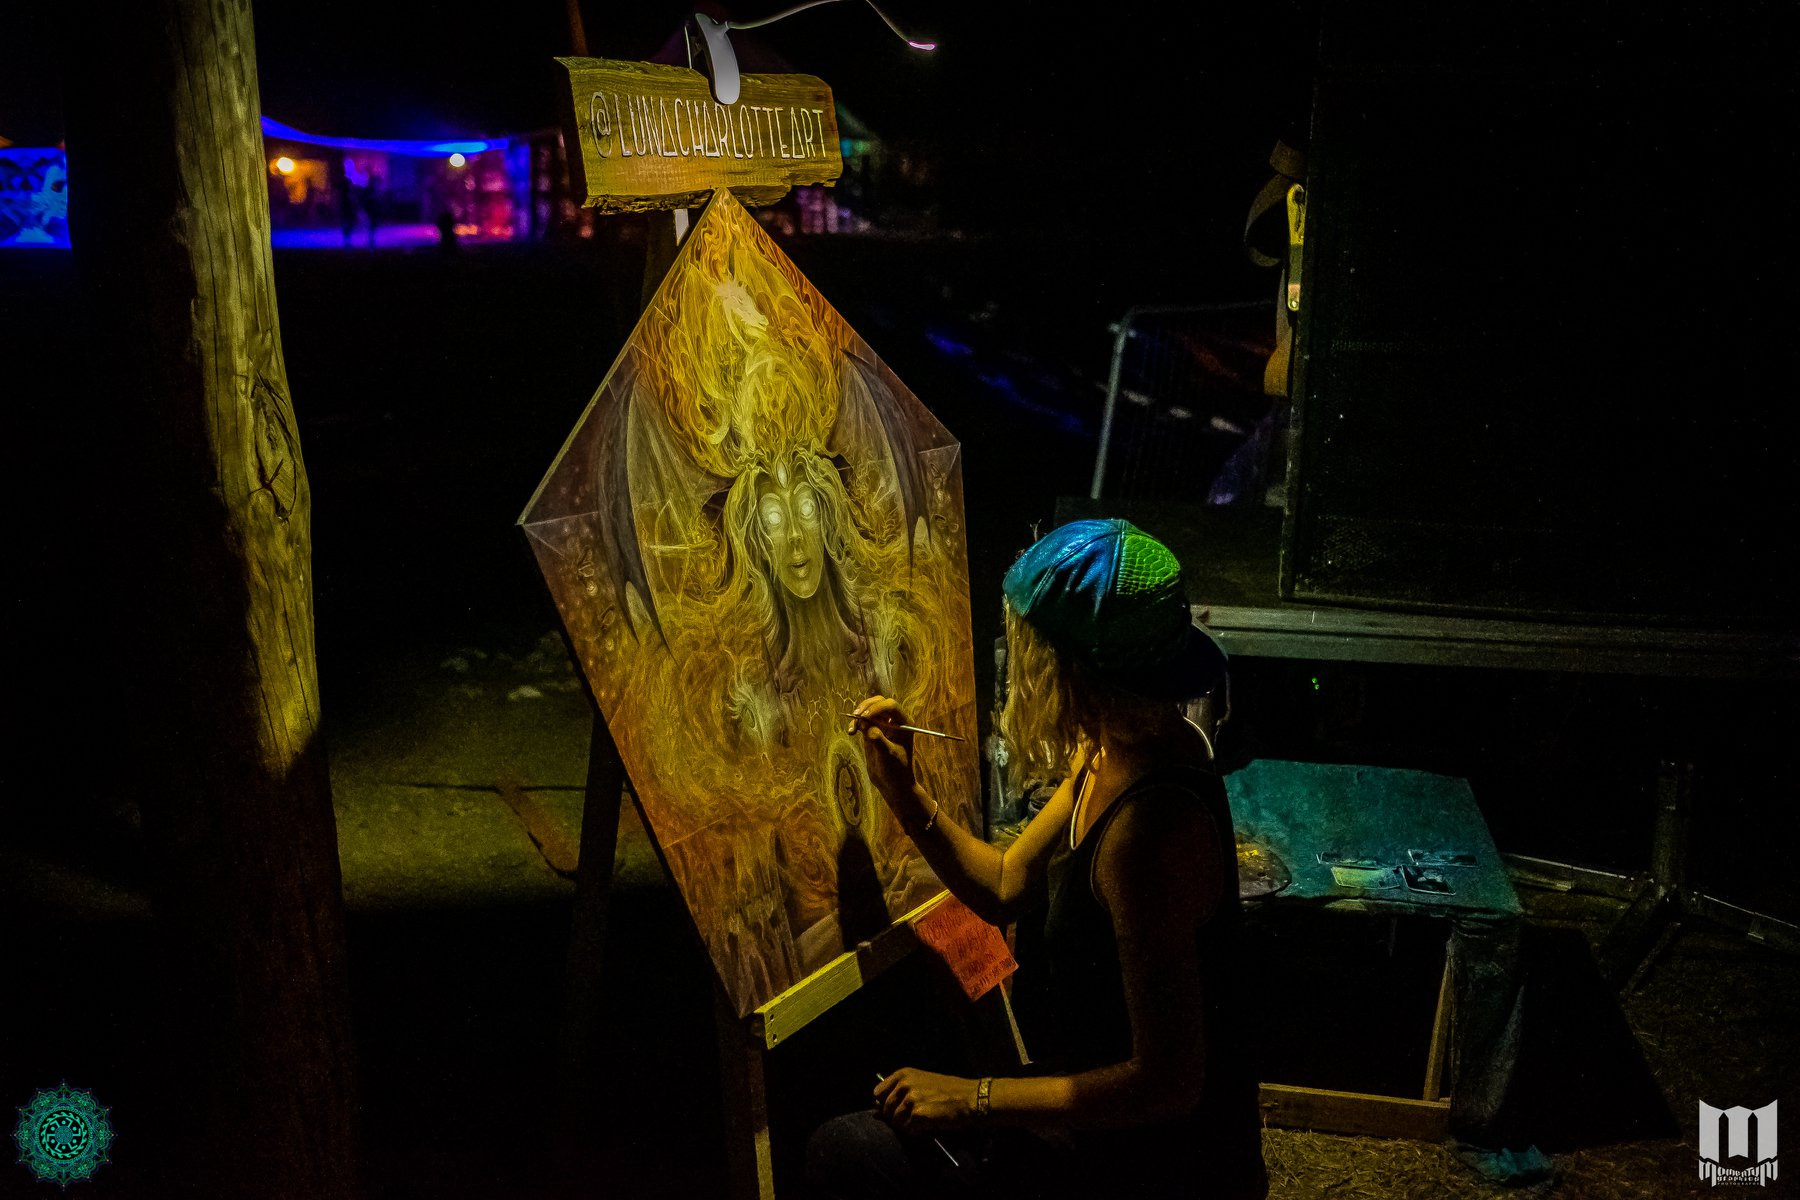 אישה מציירת אומנות בפסטיבל free earth ביוון